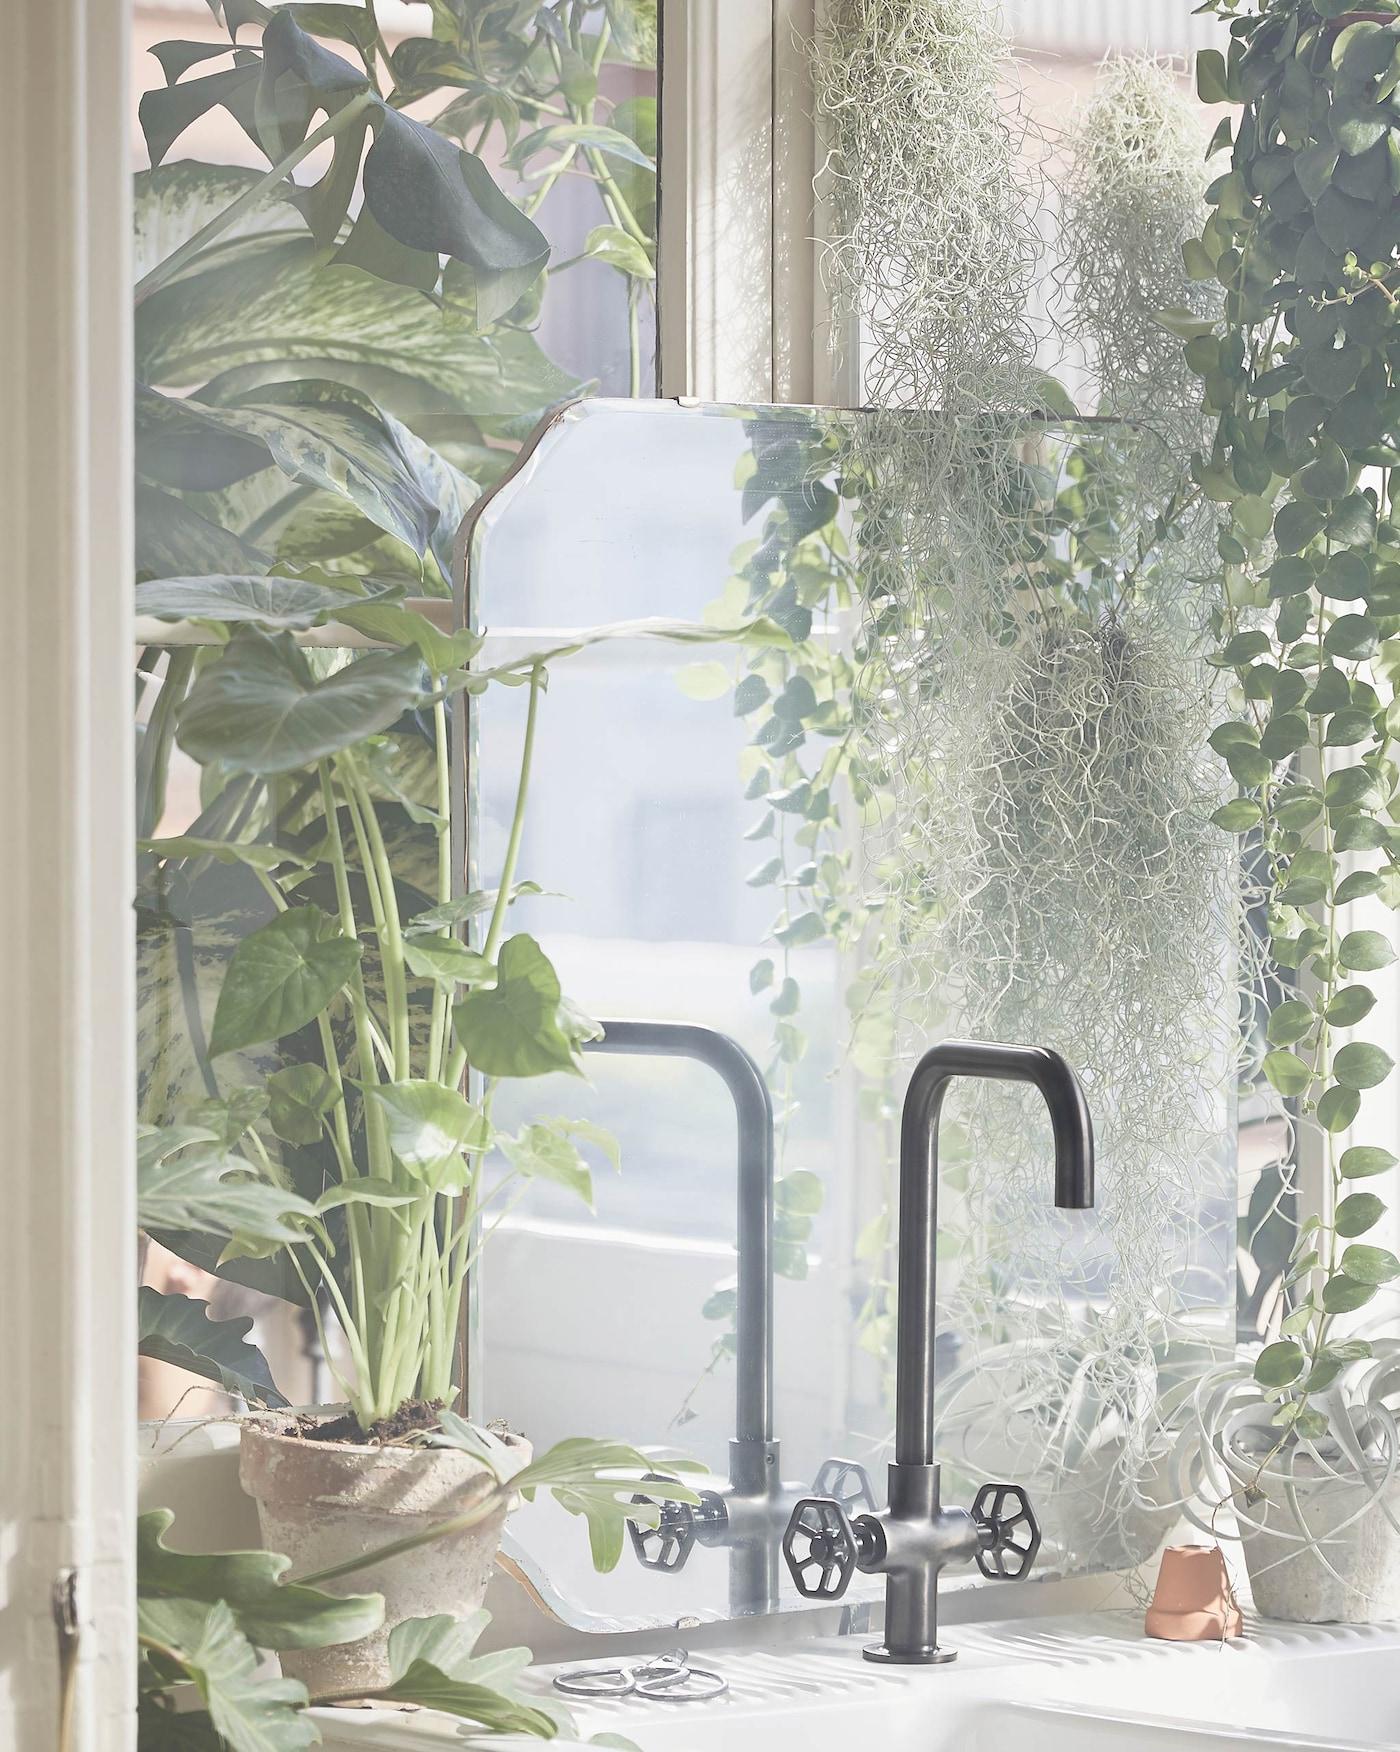 Uusi IKEA GAMLESJÖN -hana on ulkonäöltään teollinen ja valmistettu mustasta harjatusta metallista. GAMLESJÖN-hana tuo tyyliä keittiöön.